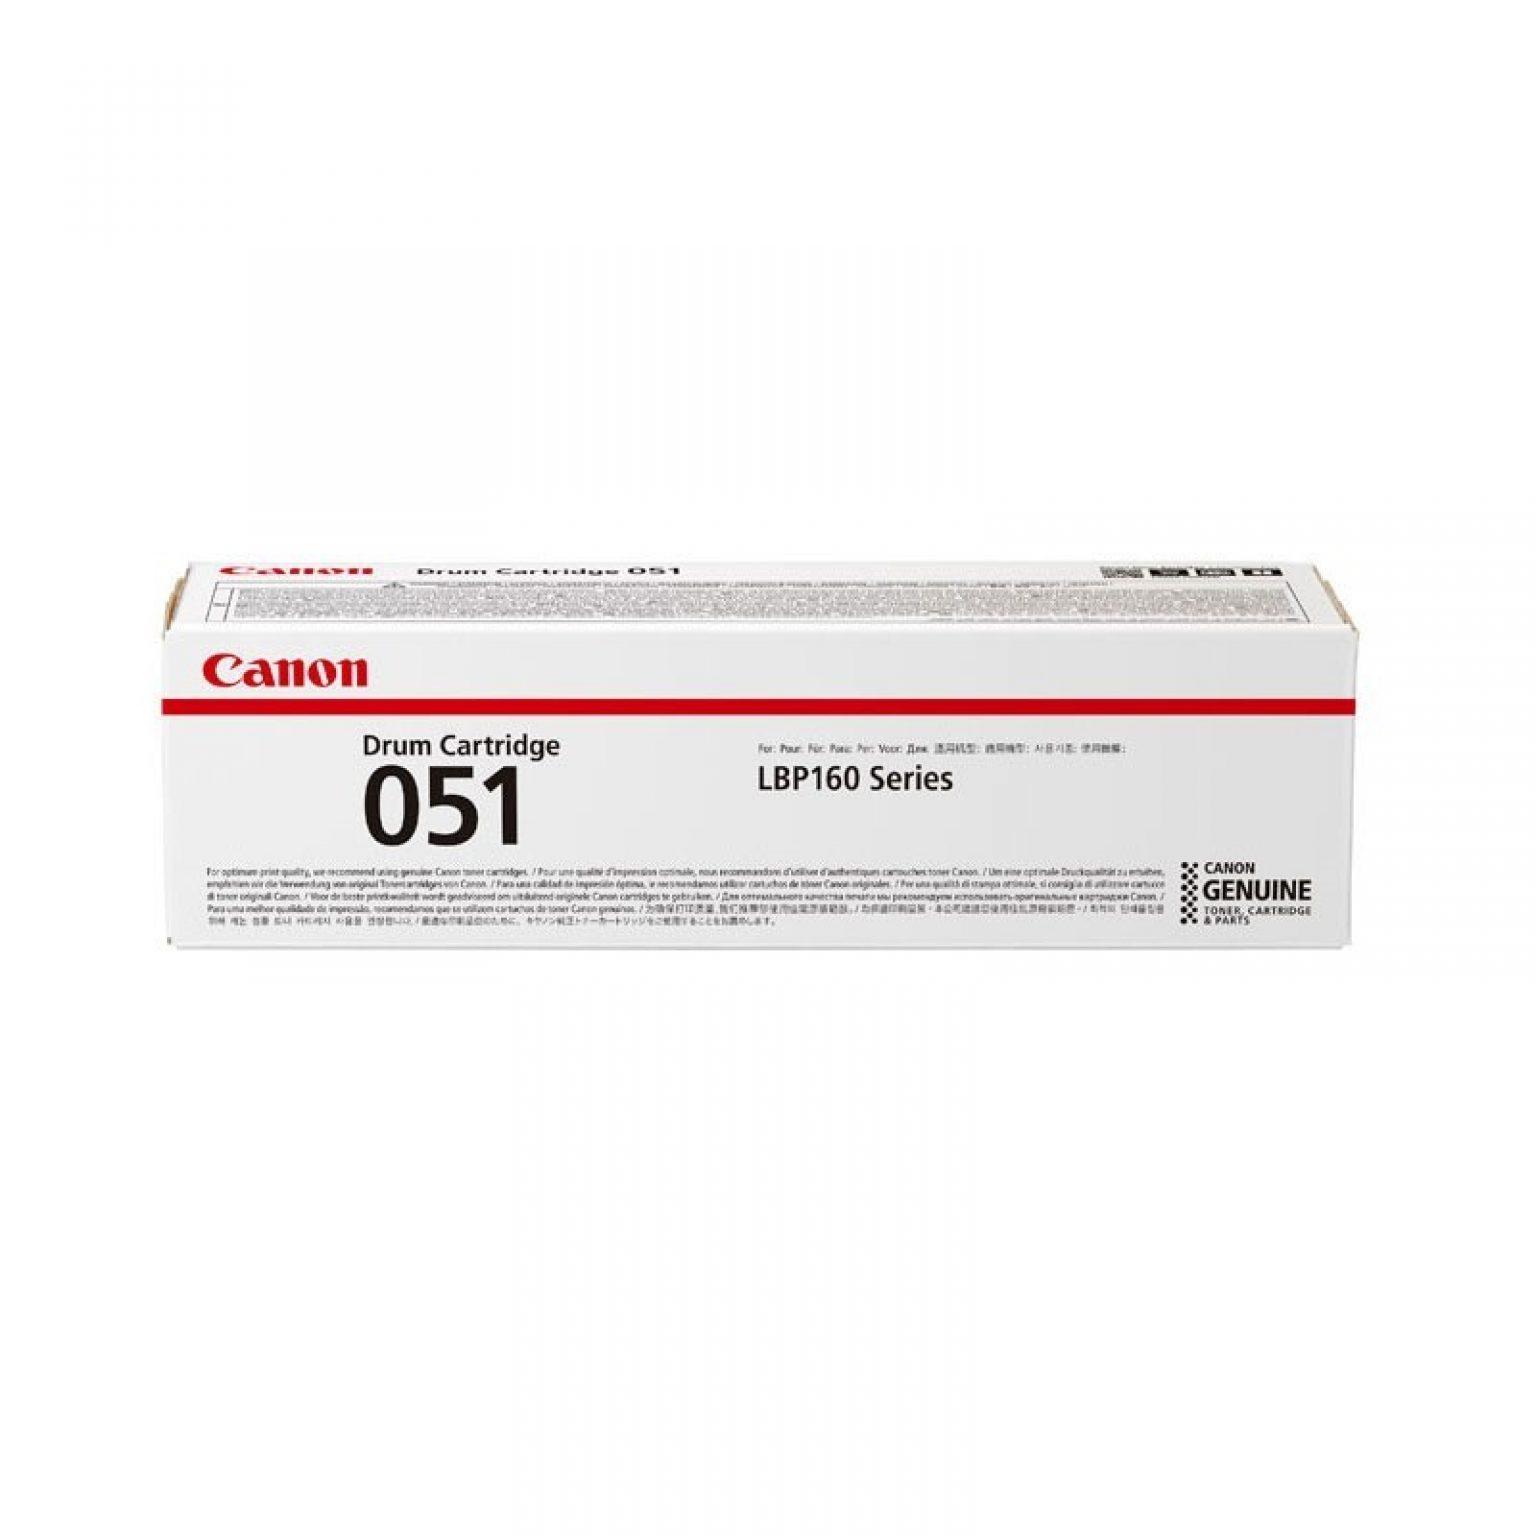 CANON - Drum Cartridge EP-051D for LBP162dw [EP051D]